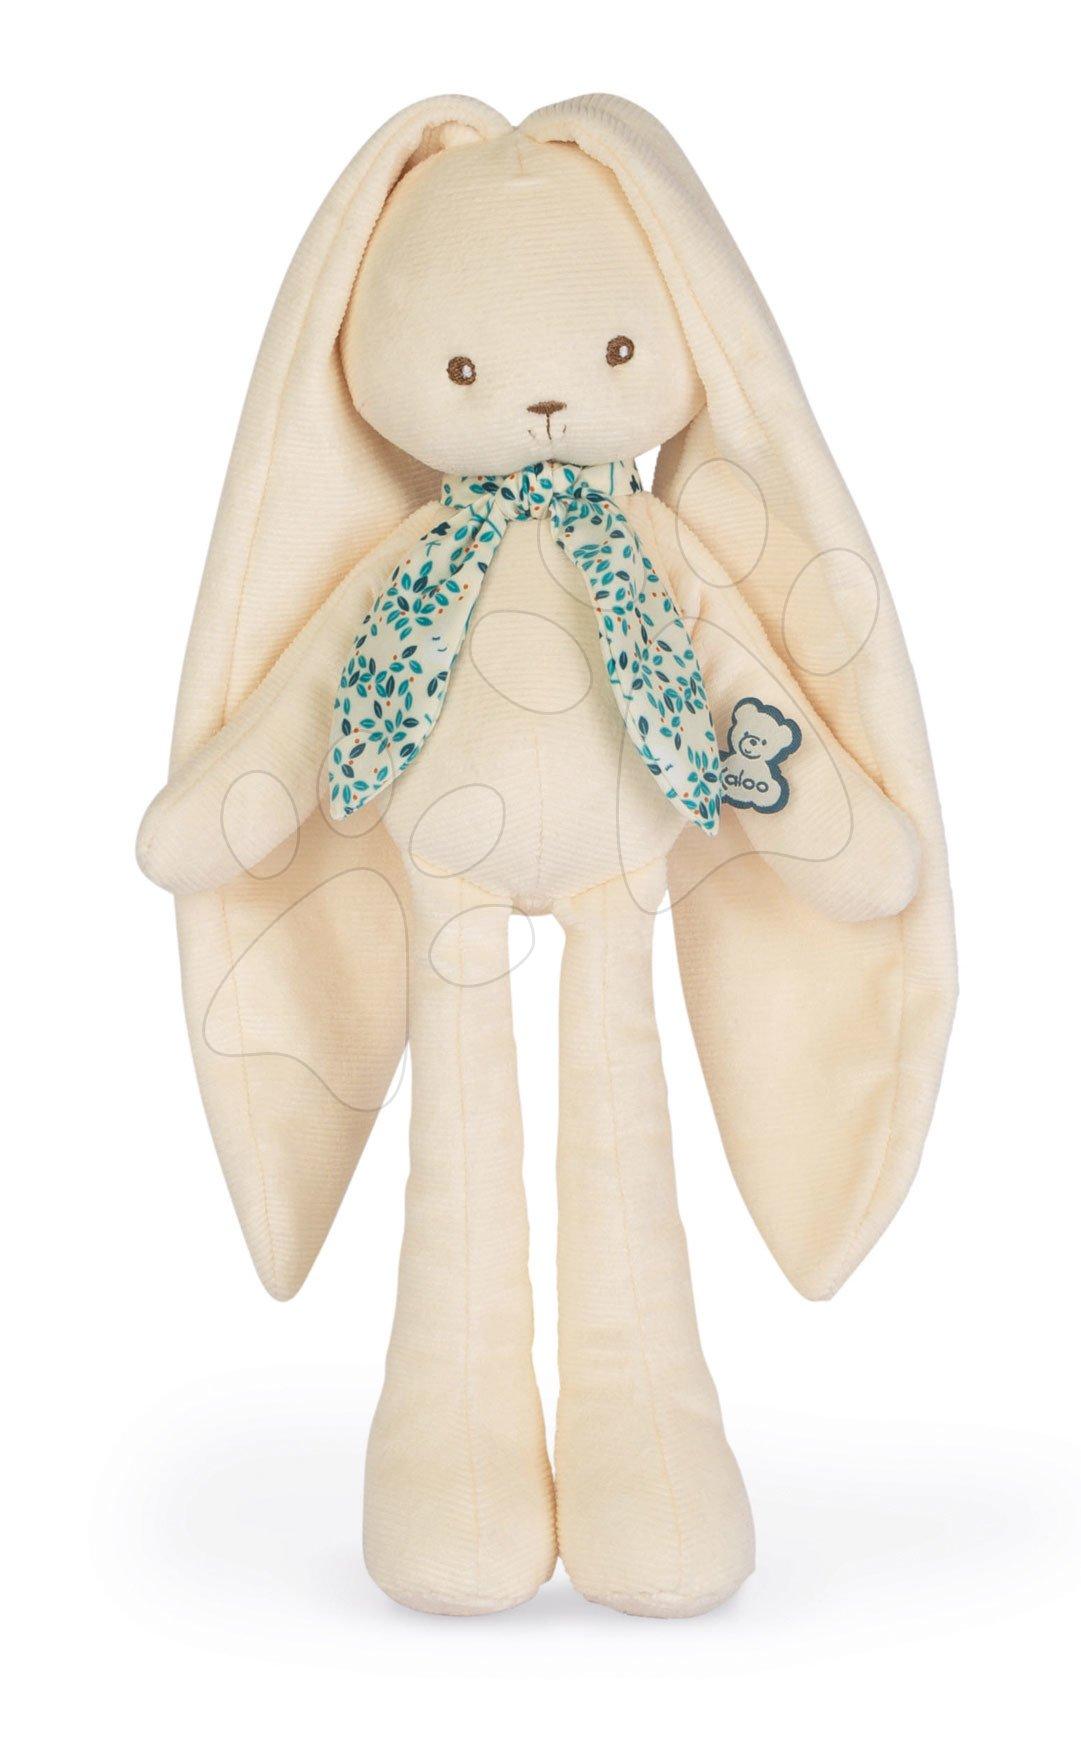 Hračky pro miminka - Panenka zajíček s dlouhými oušky Doll Rabbit Cream Lapinoo Kaloo krémový 35 cm z jemného materiálu v dárkové krabičce od 0 měsíců